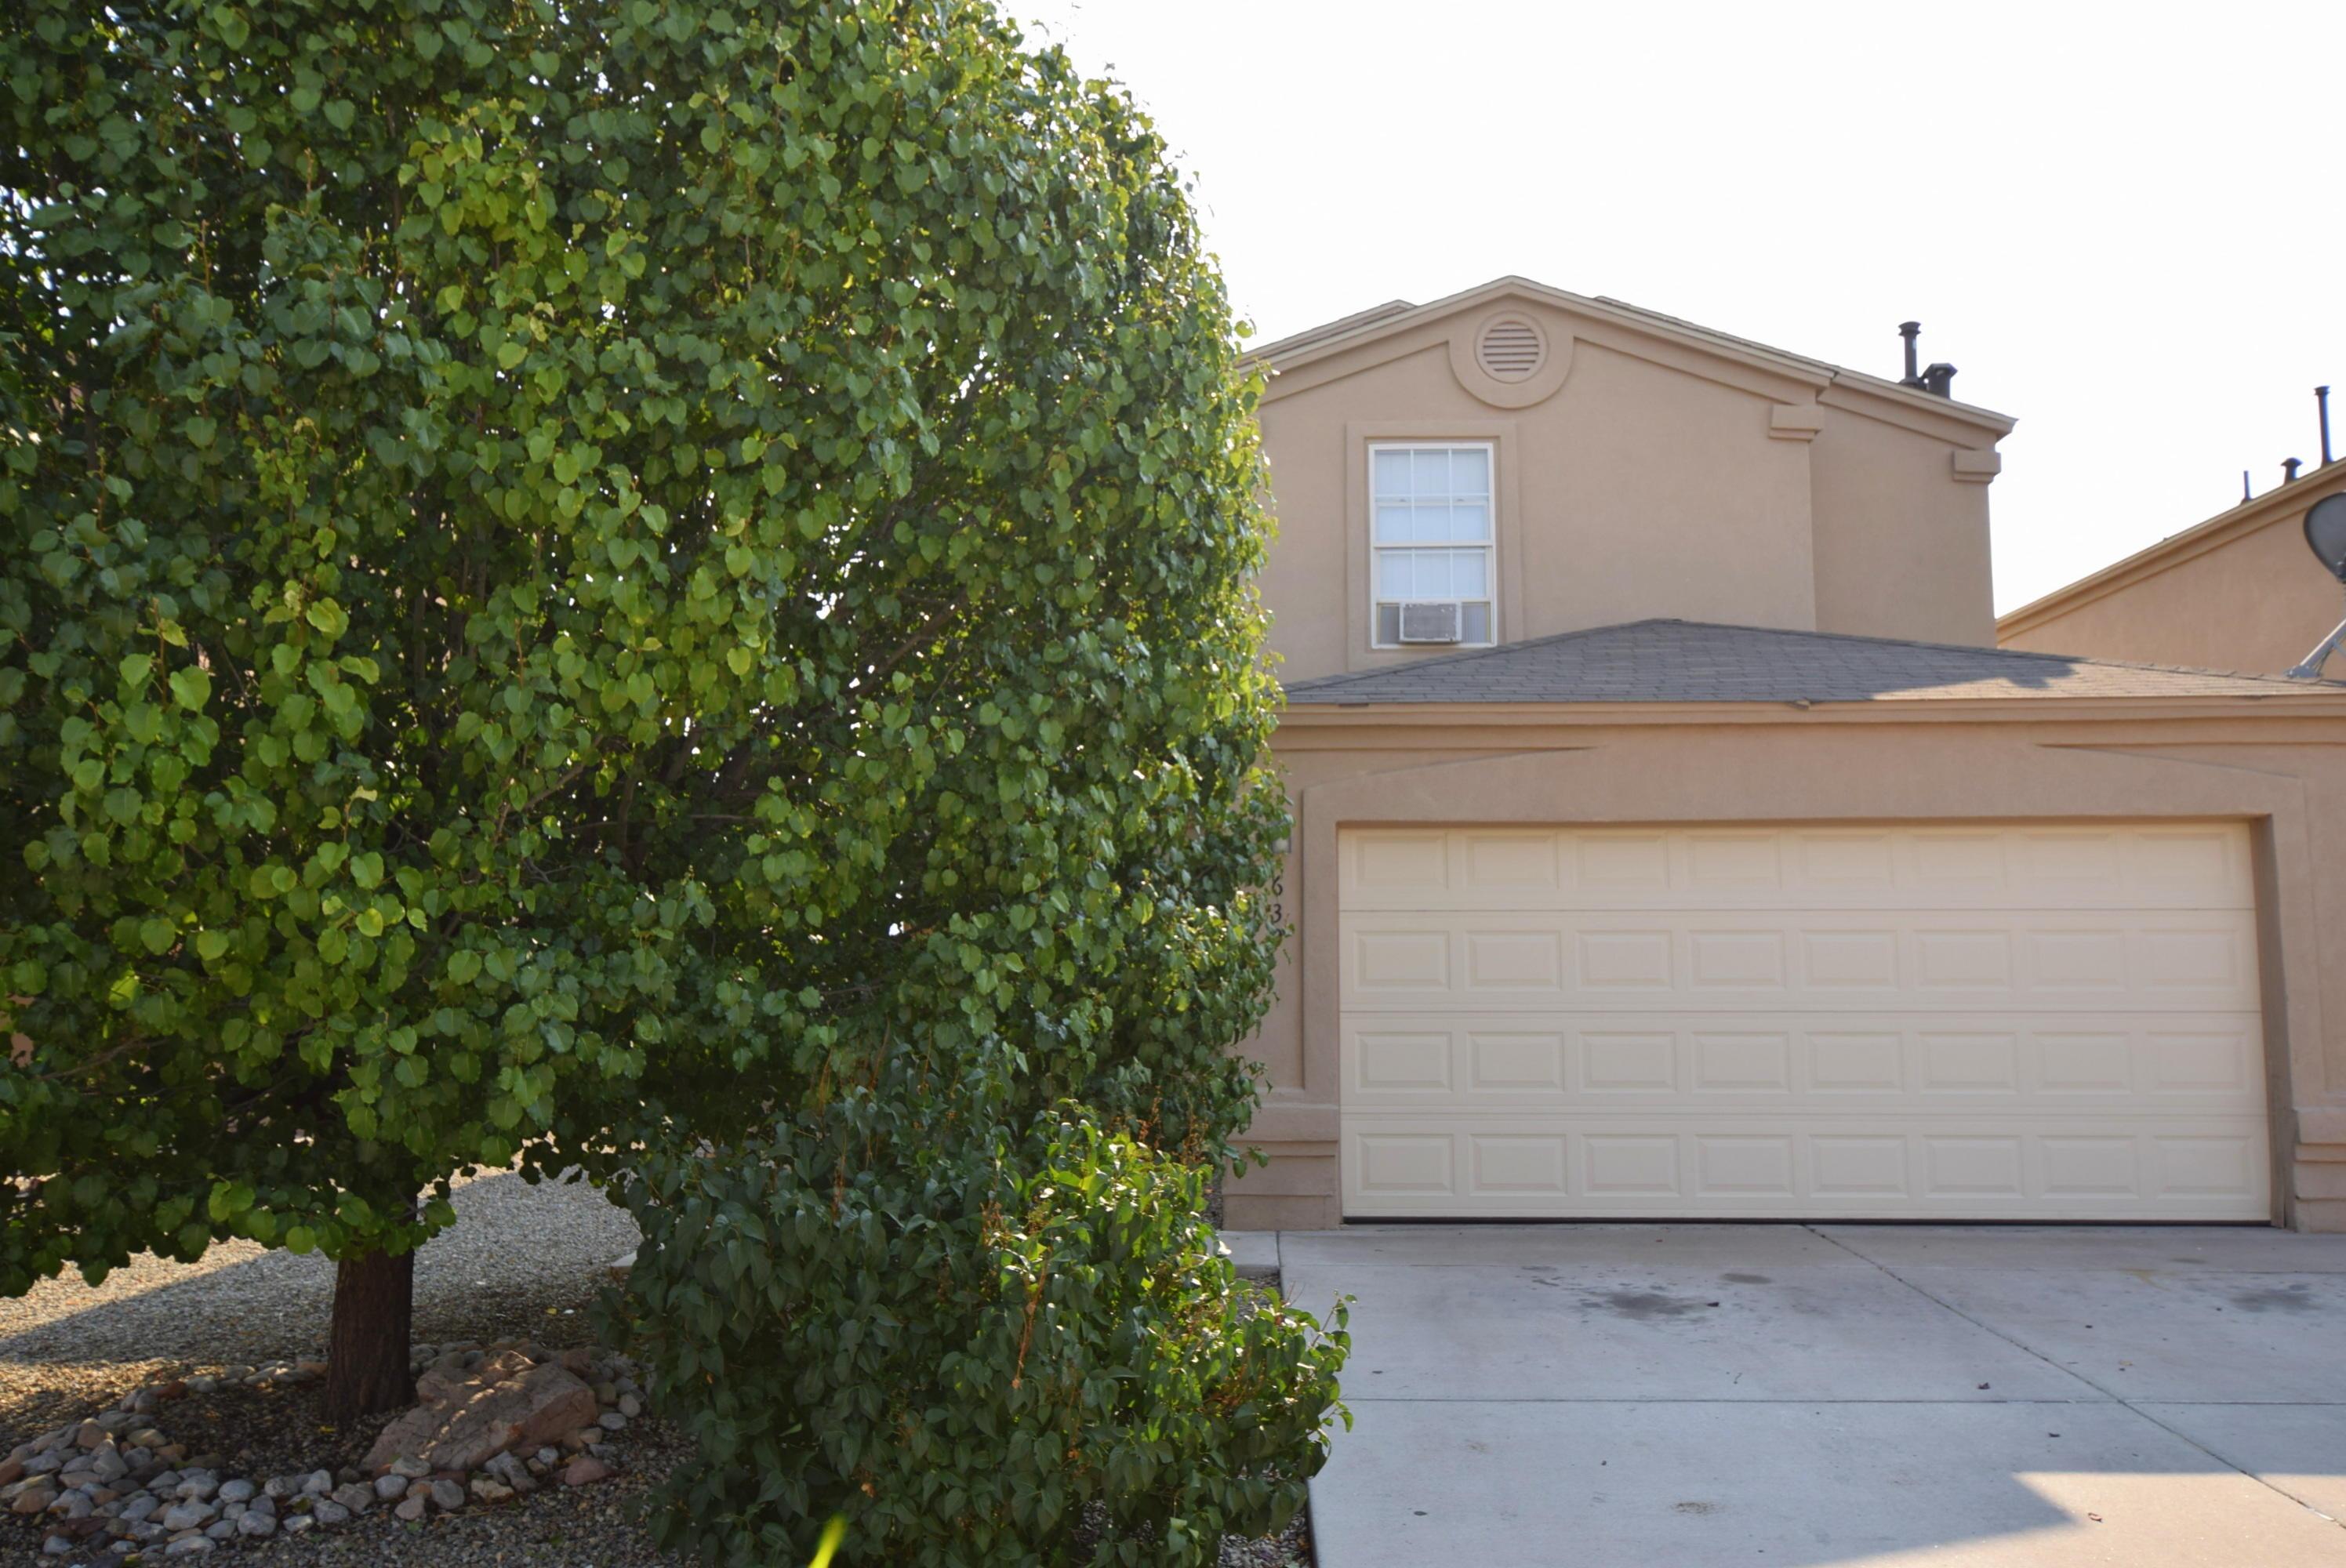 632 TORRETTA Drive, Albuquerque NM 87121